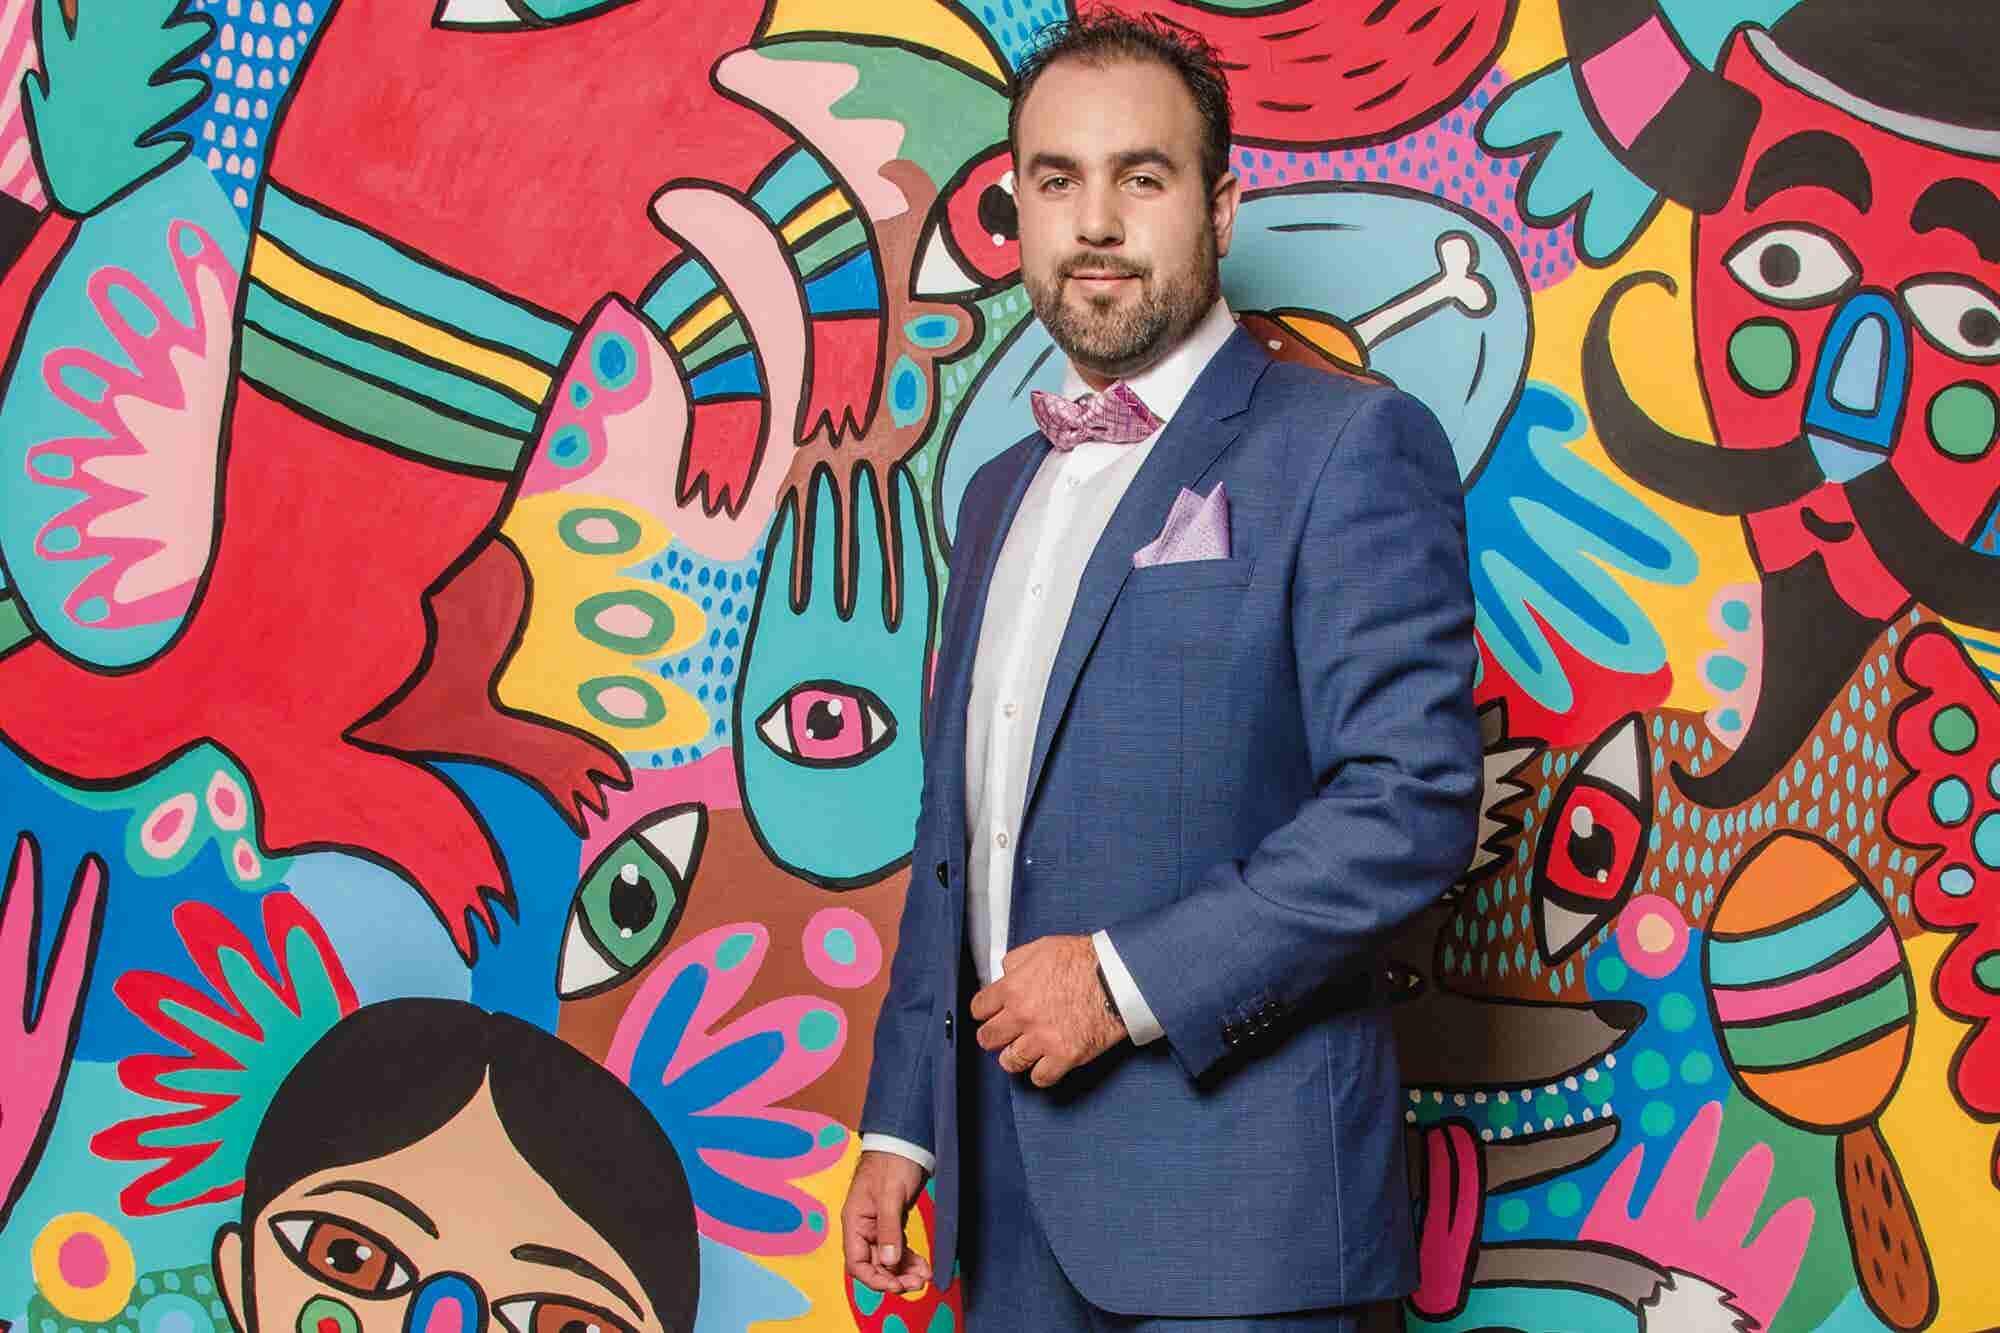 A los 21 años ideó su empresa, hoy es líder en la industria de desechables